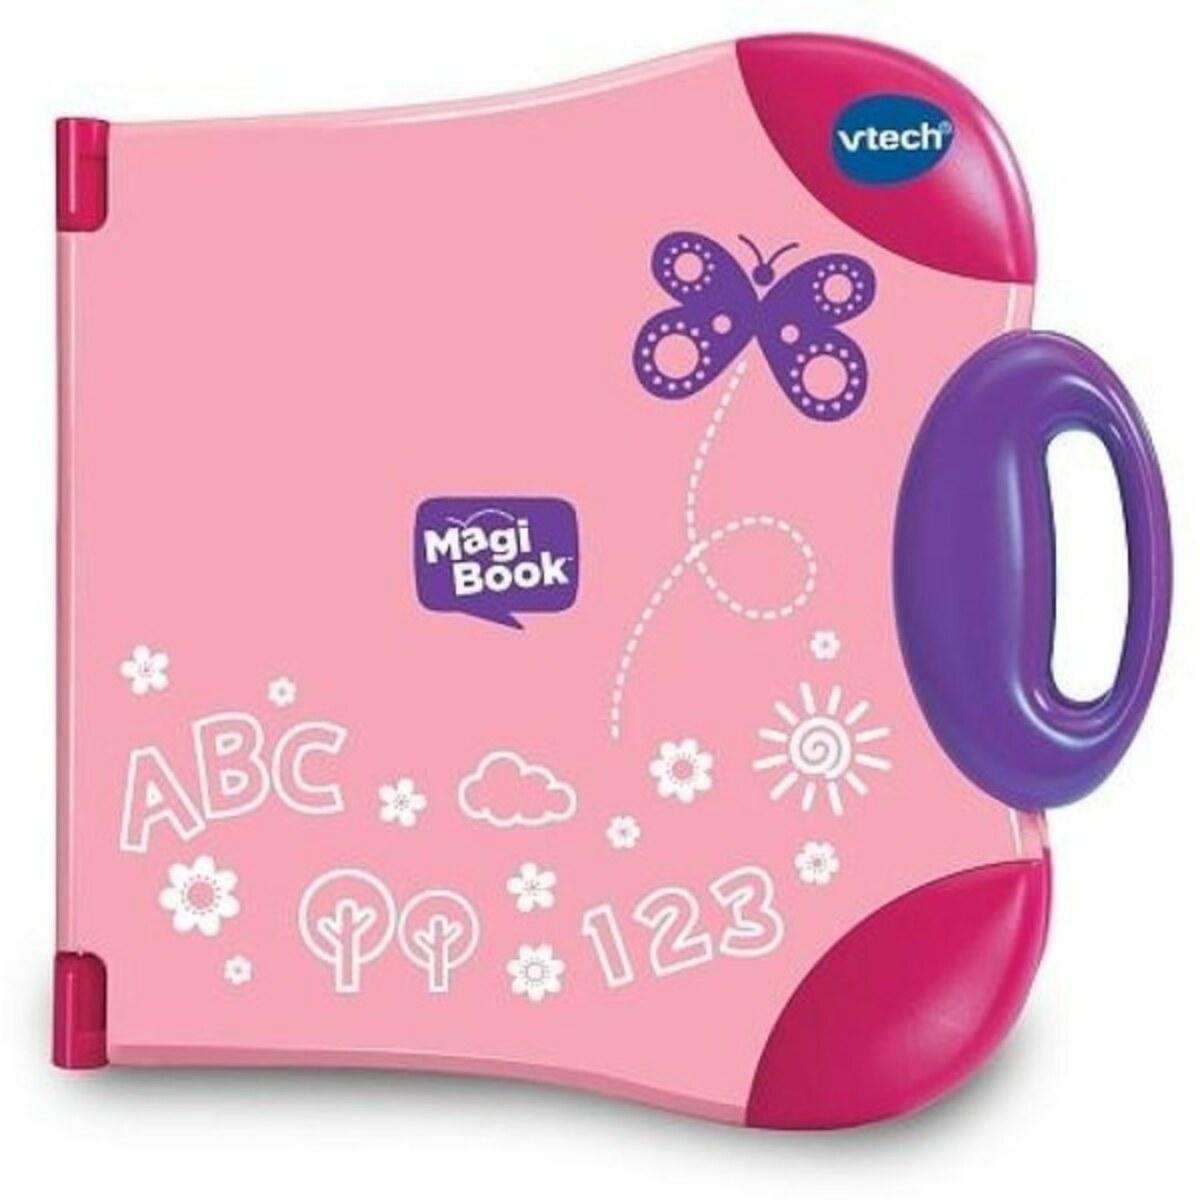 Bild 5 von VTech - MagiBook, pink